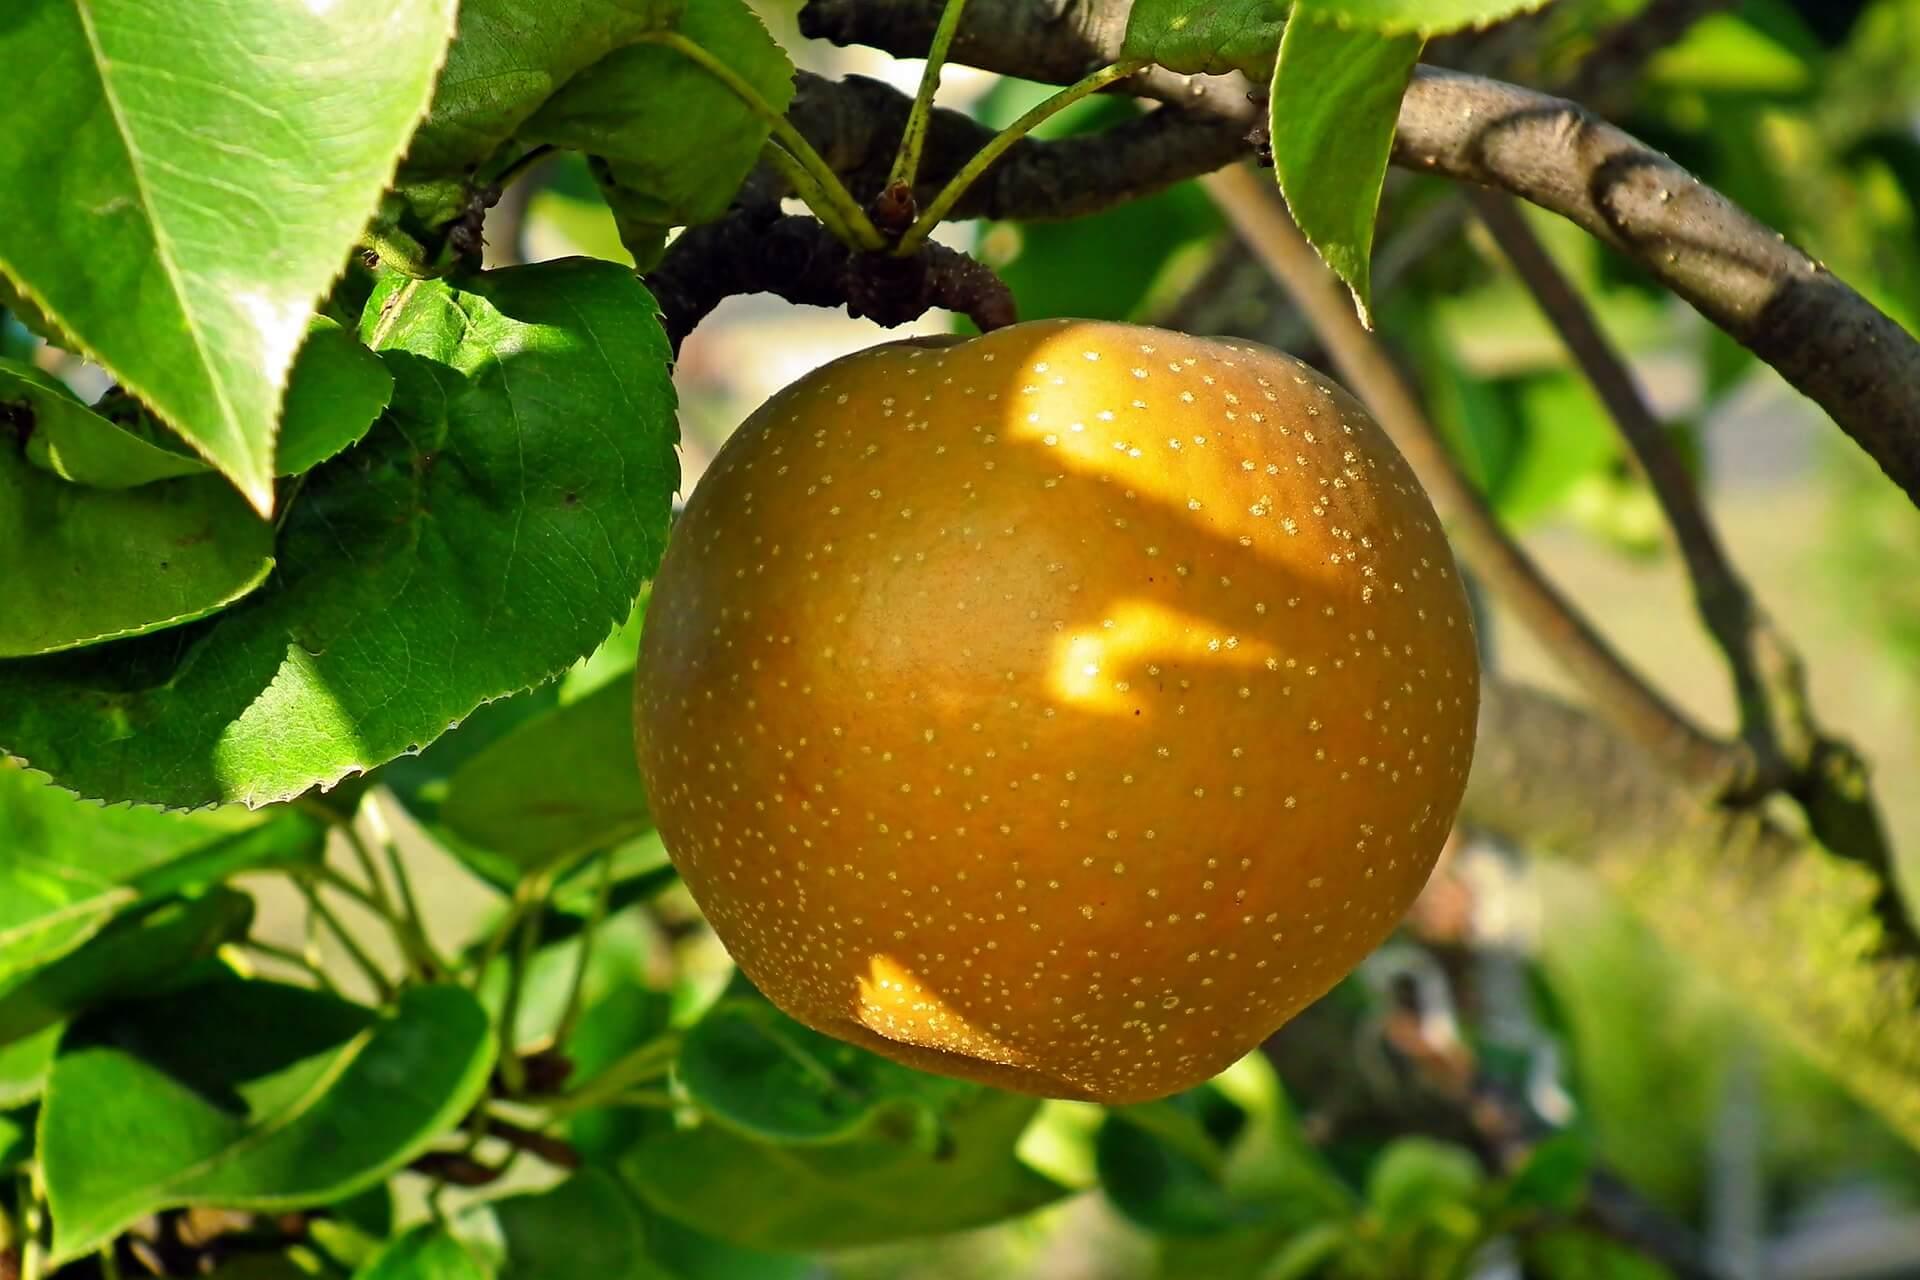 Asian pear still on the tree